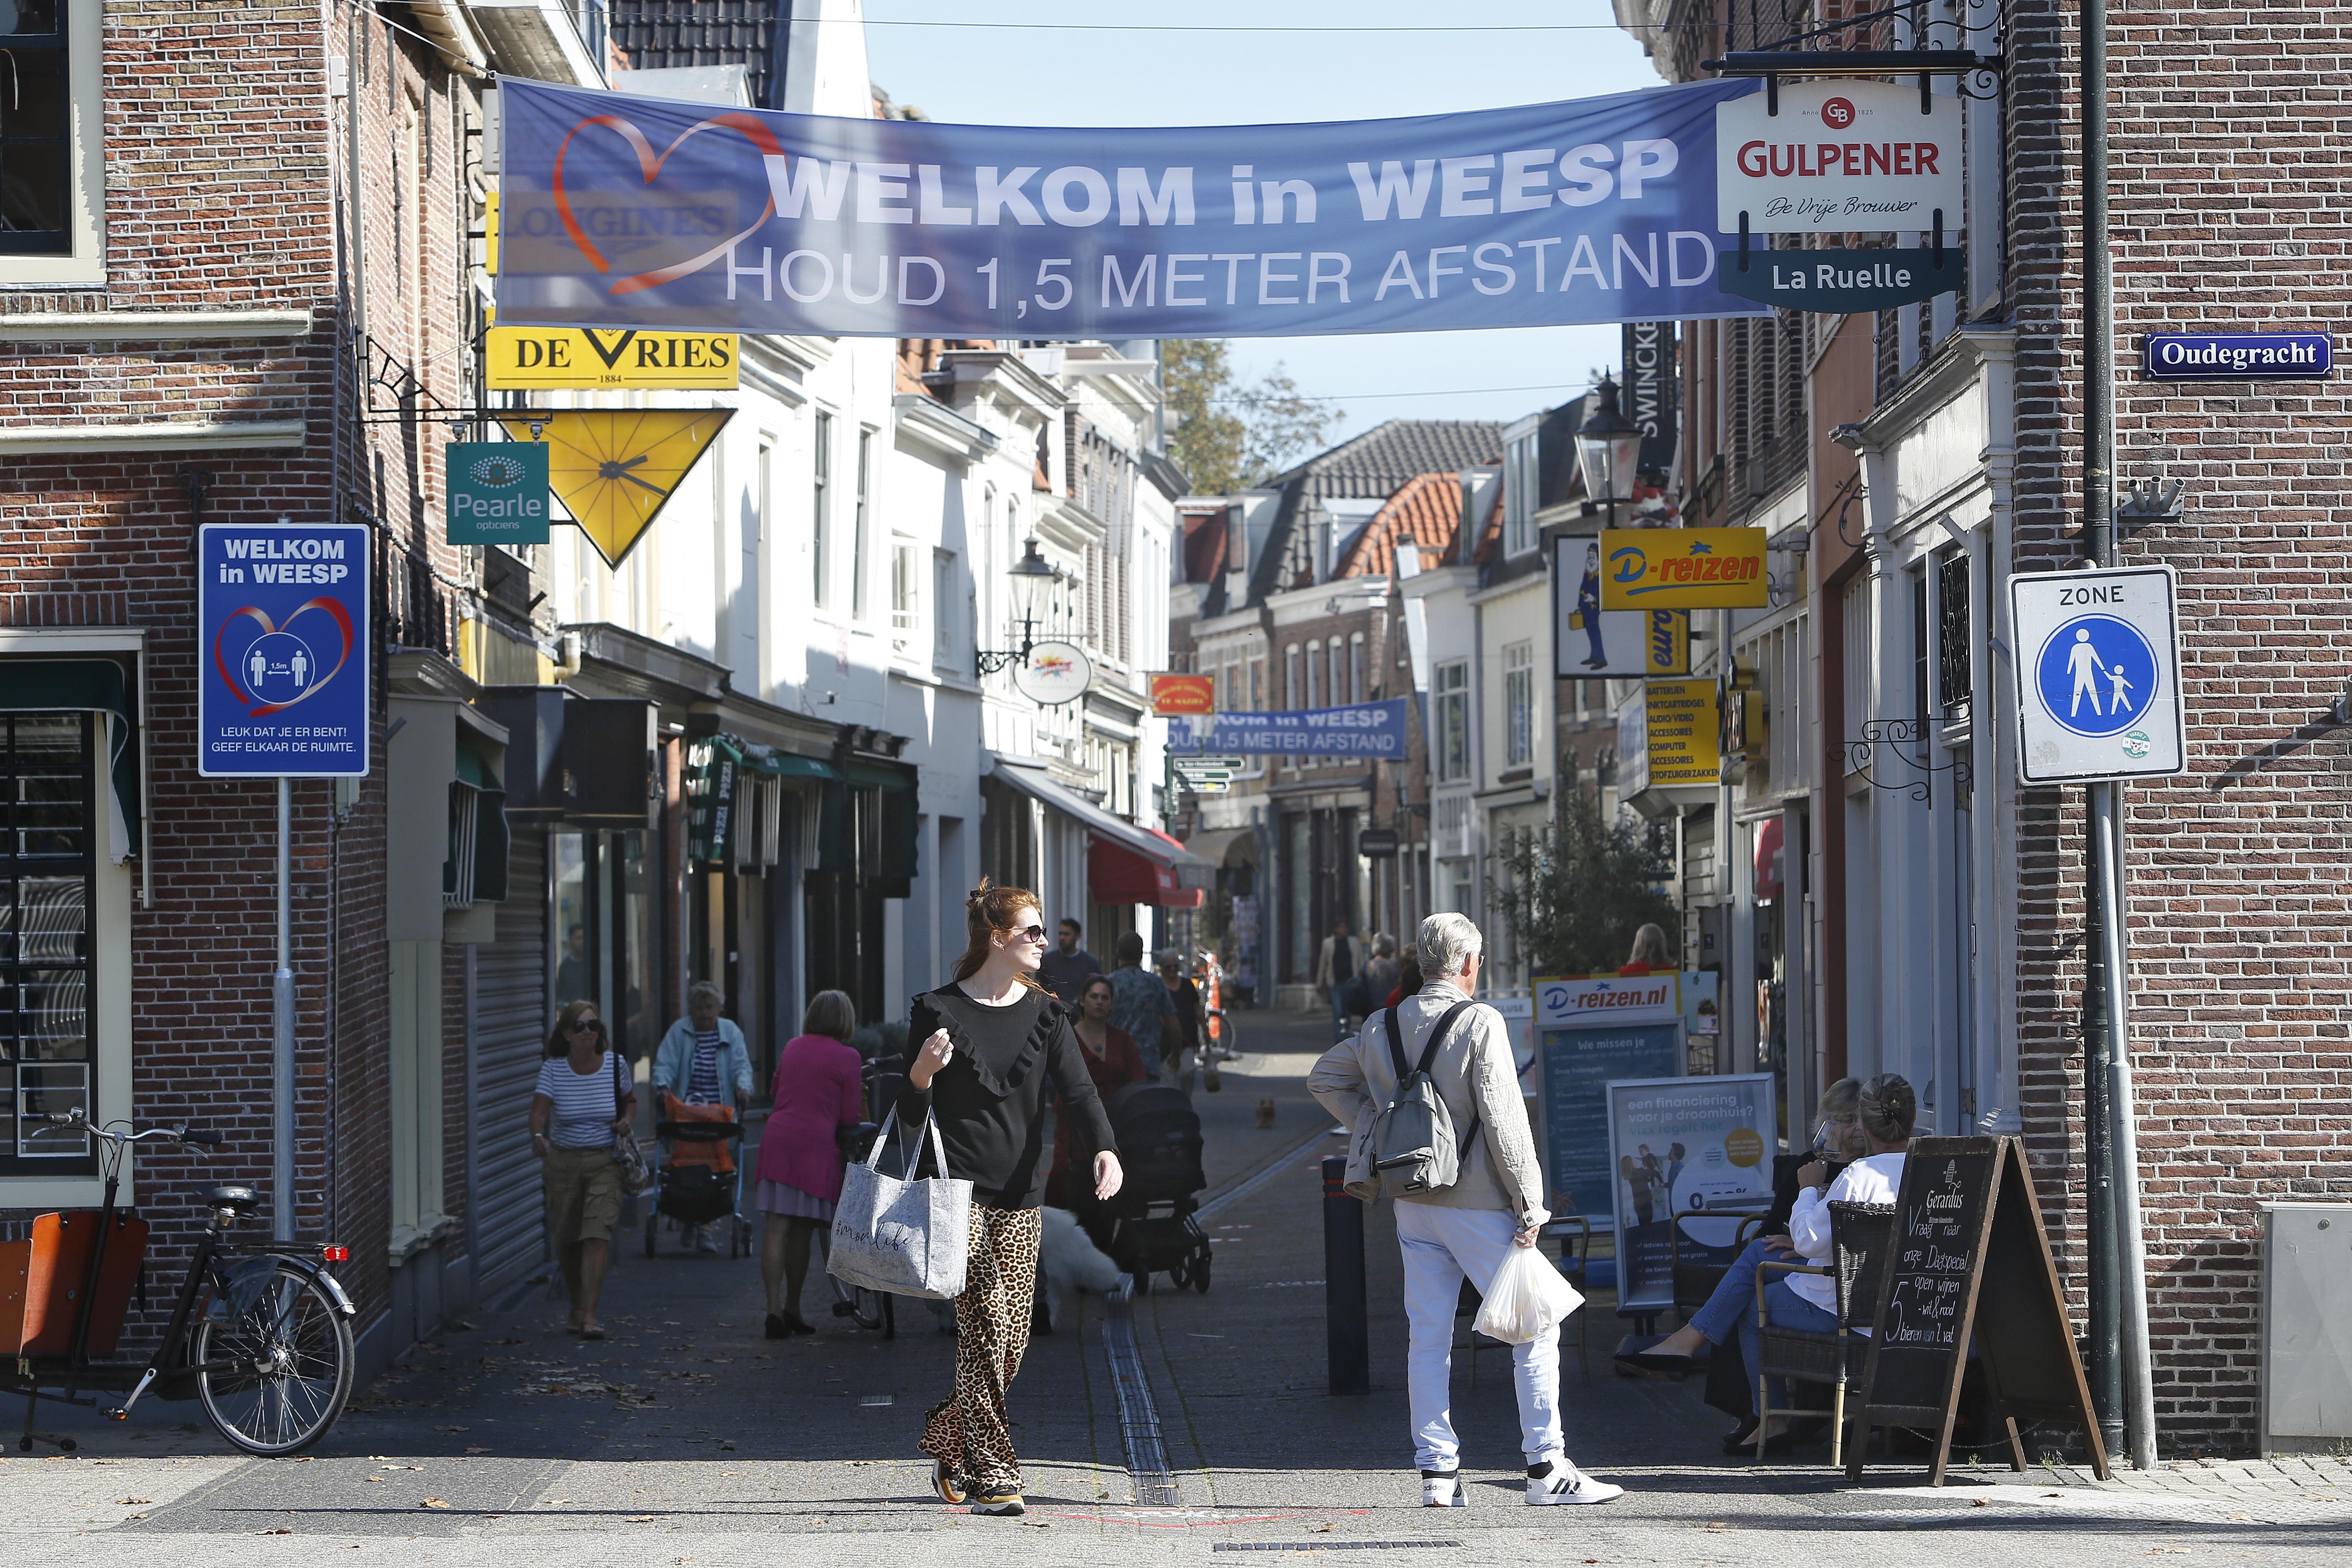 Het mysterie van Weesp. De grootste coronabrandhaard van Nederland, maar niemand is ziek. 'Typisch Weesp. We staan weer eens bovenaan een lijstje en wij weten nergens van'